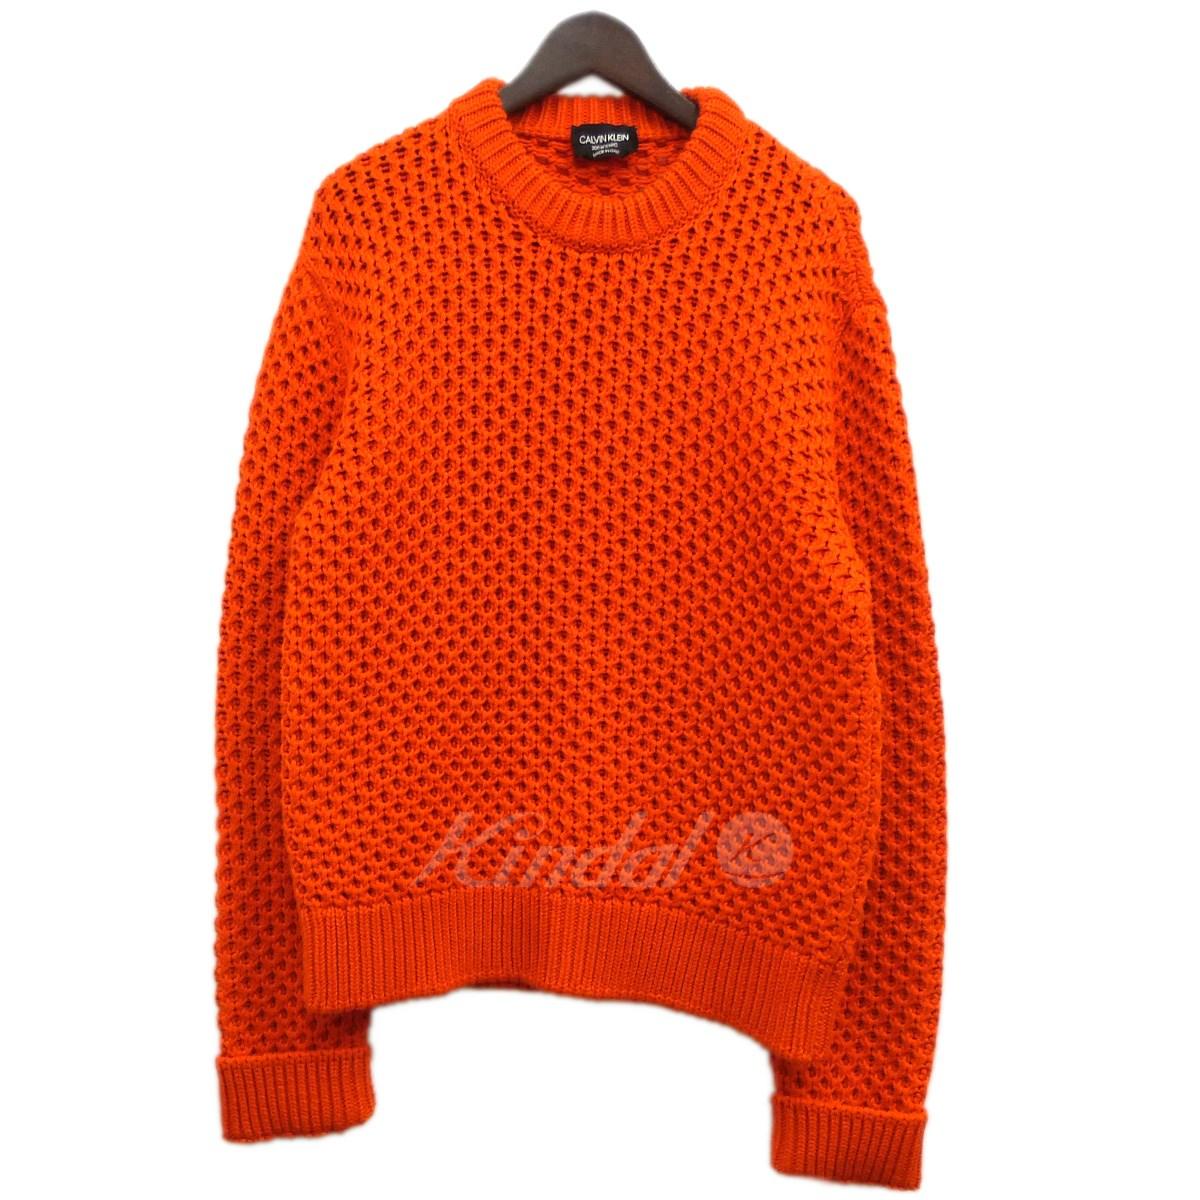 【中古】CALVIN KLEIN 205W39NYC 17AW ローゲージニットセーター オレンジ サイズ:L 【送料無料】 【231018】(カルバンクライン205W39NYC)